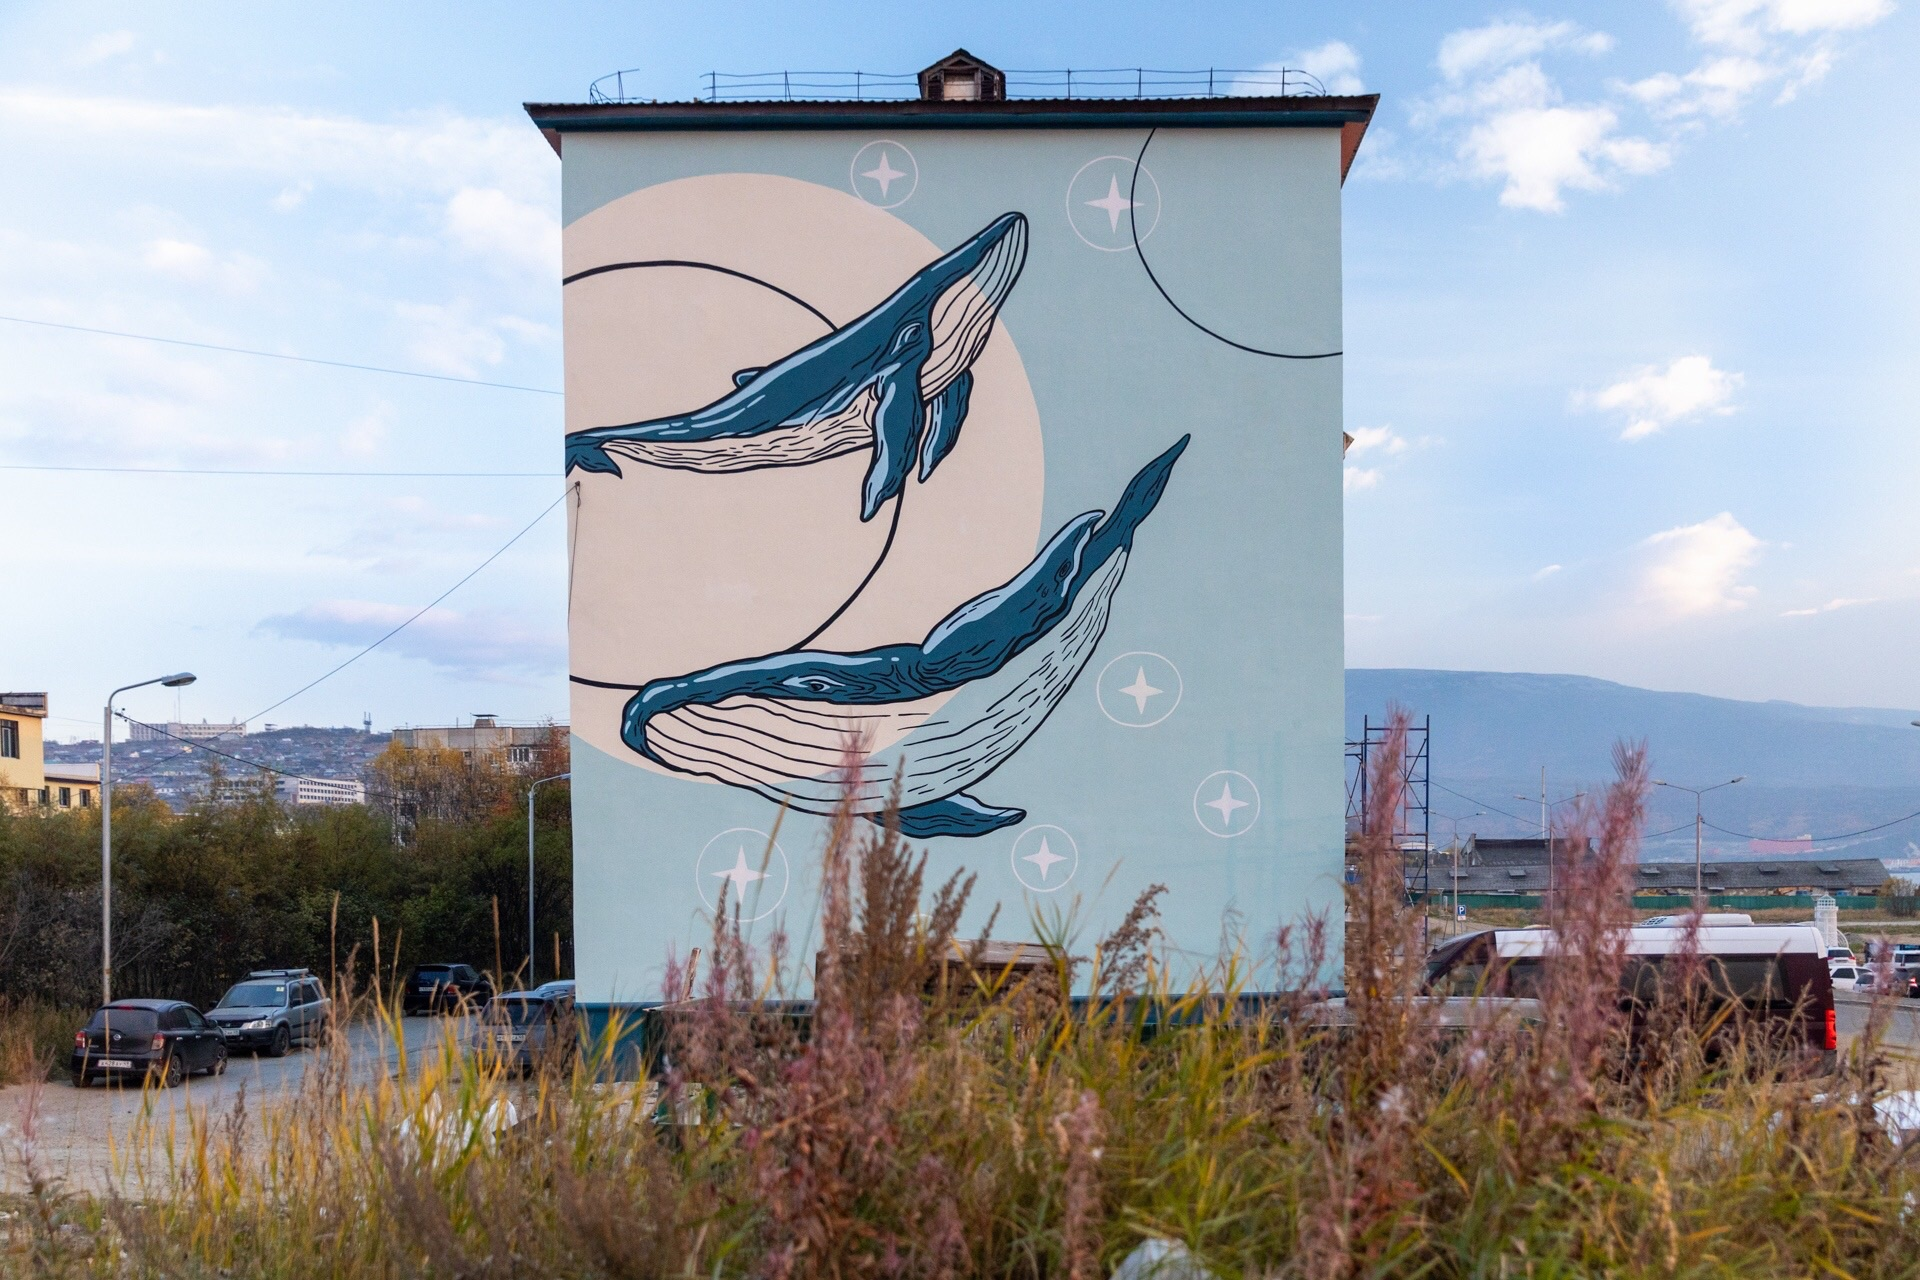 Ранее, Литвинов нарисовал семью китов на торце дома у берега бухты Нагаева. Идея урбаниста Натальи Ковалевой, финансовую поддержку оказал Денис Розенко, организационно помог департамент САТЭК